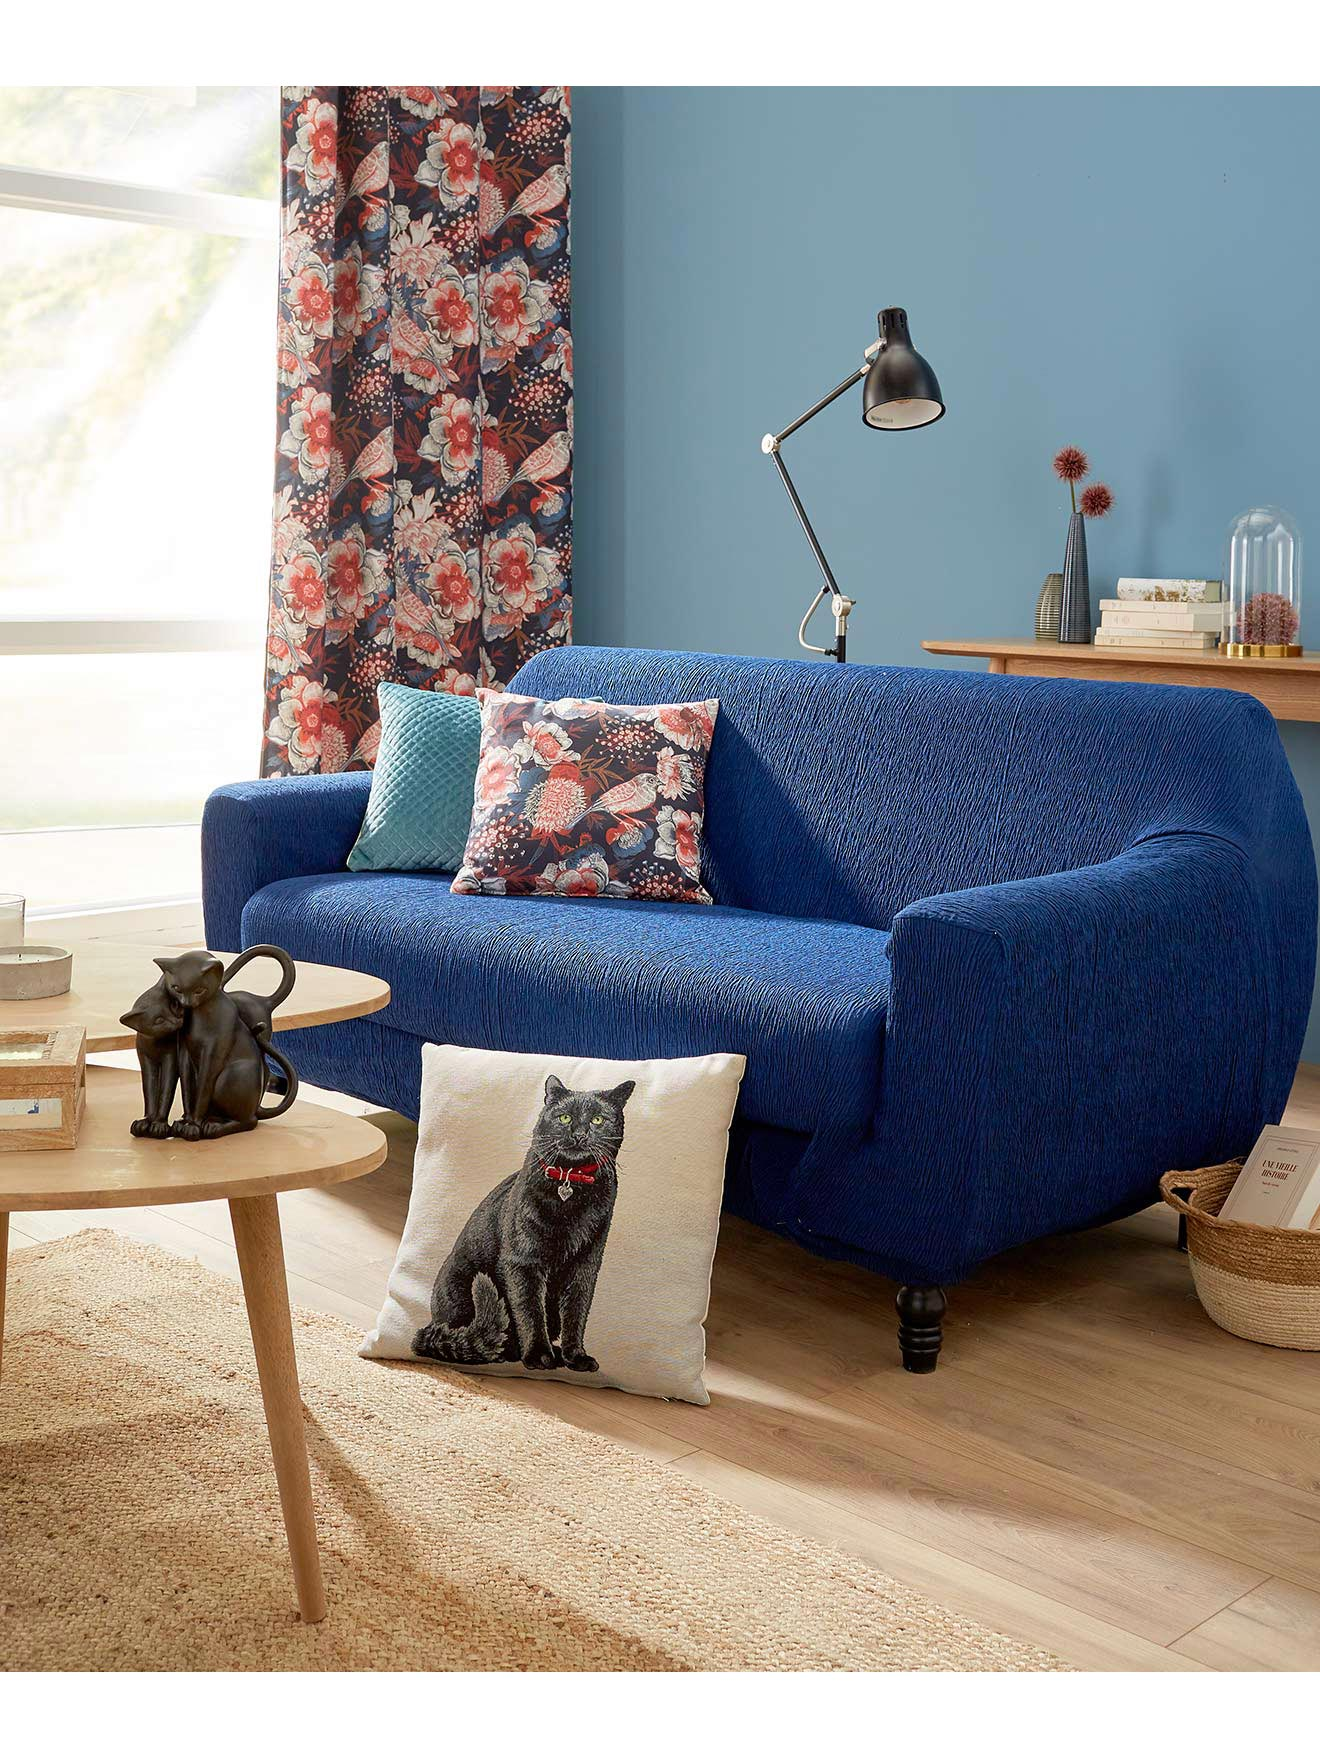 Comment teindre une housse de canapé ?